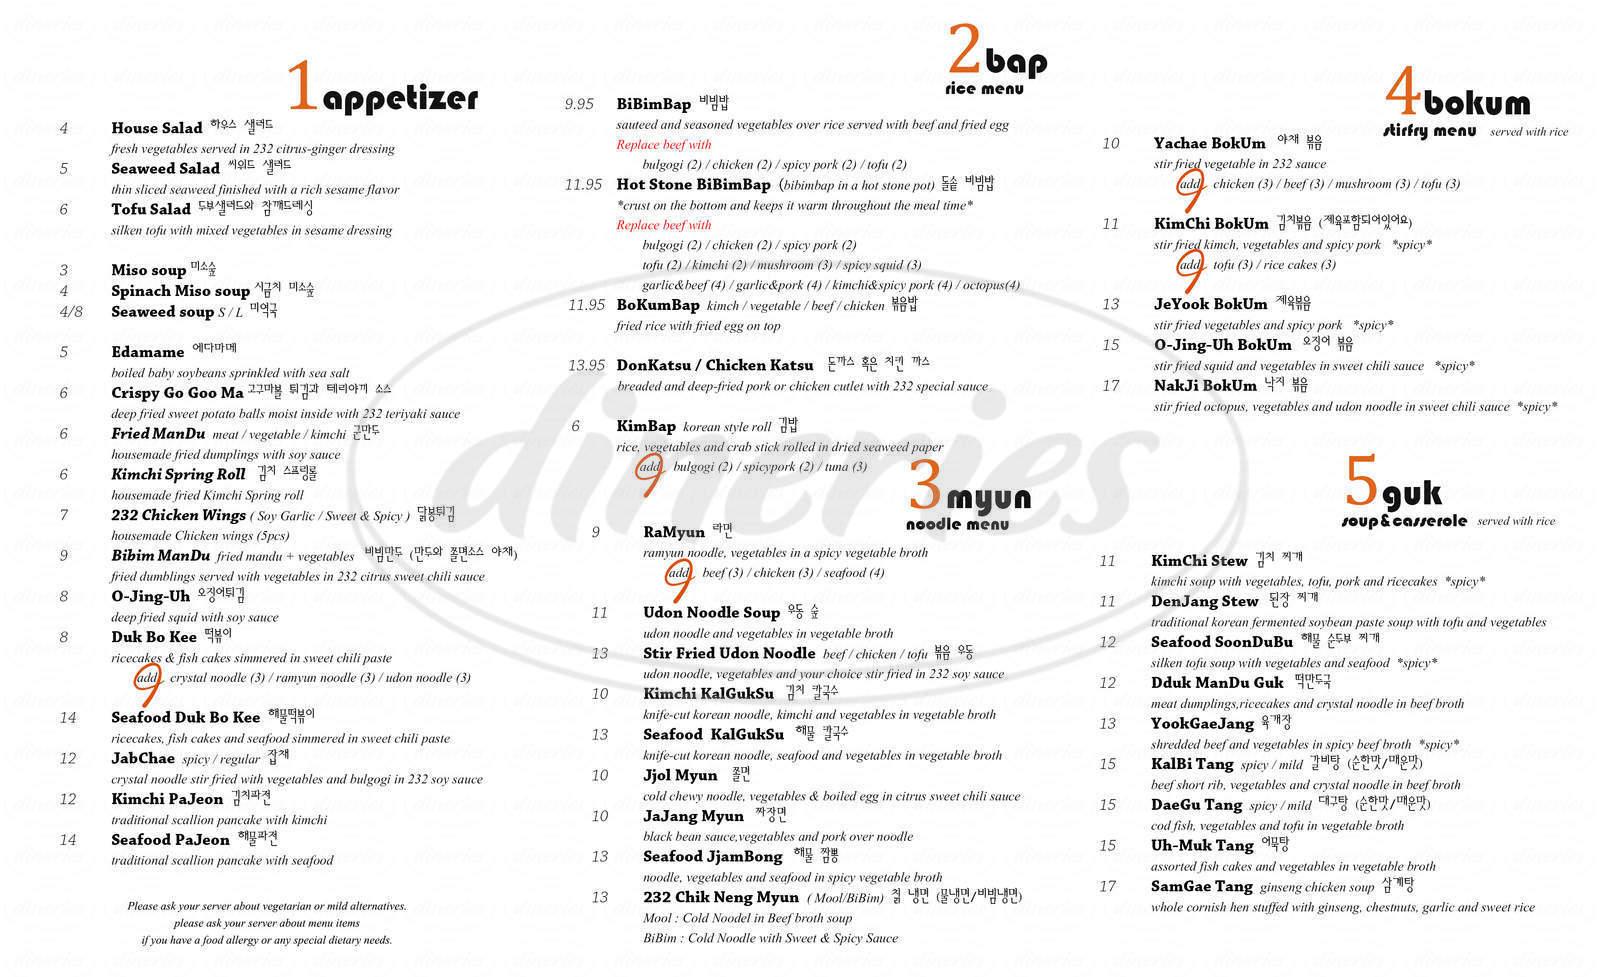 menu for 232